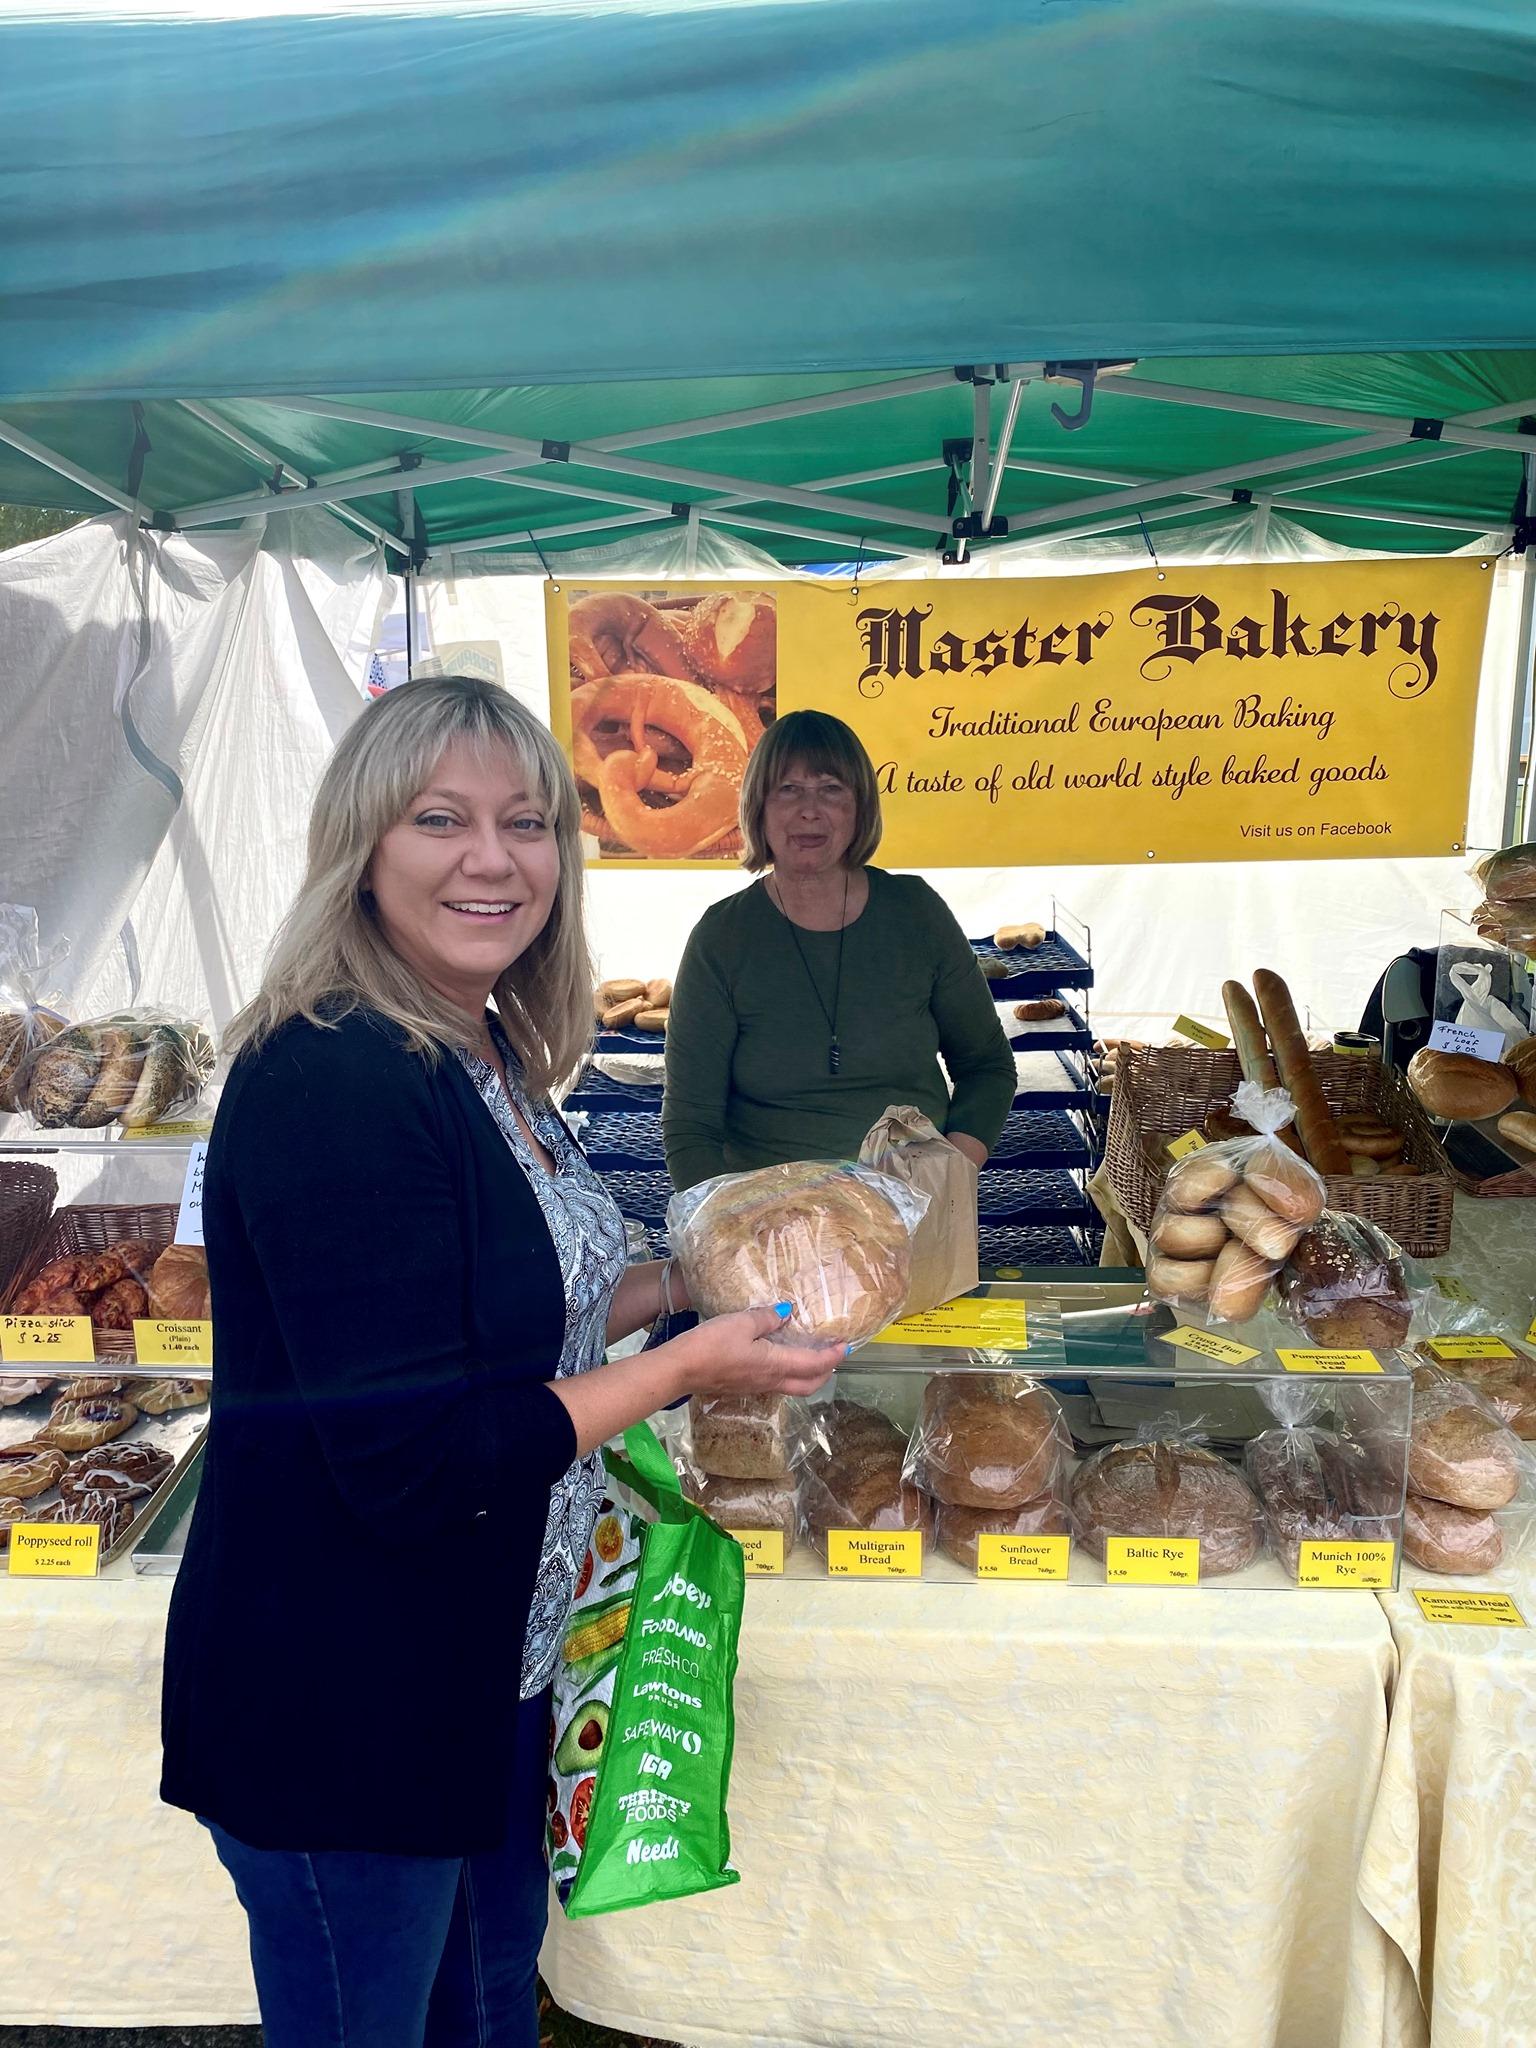 Small Business Spotlight: Master Bakery